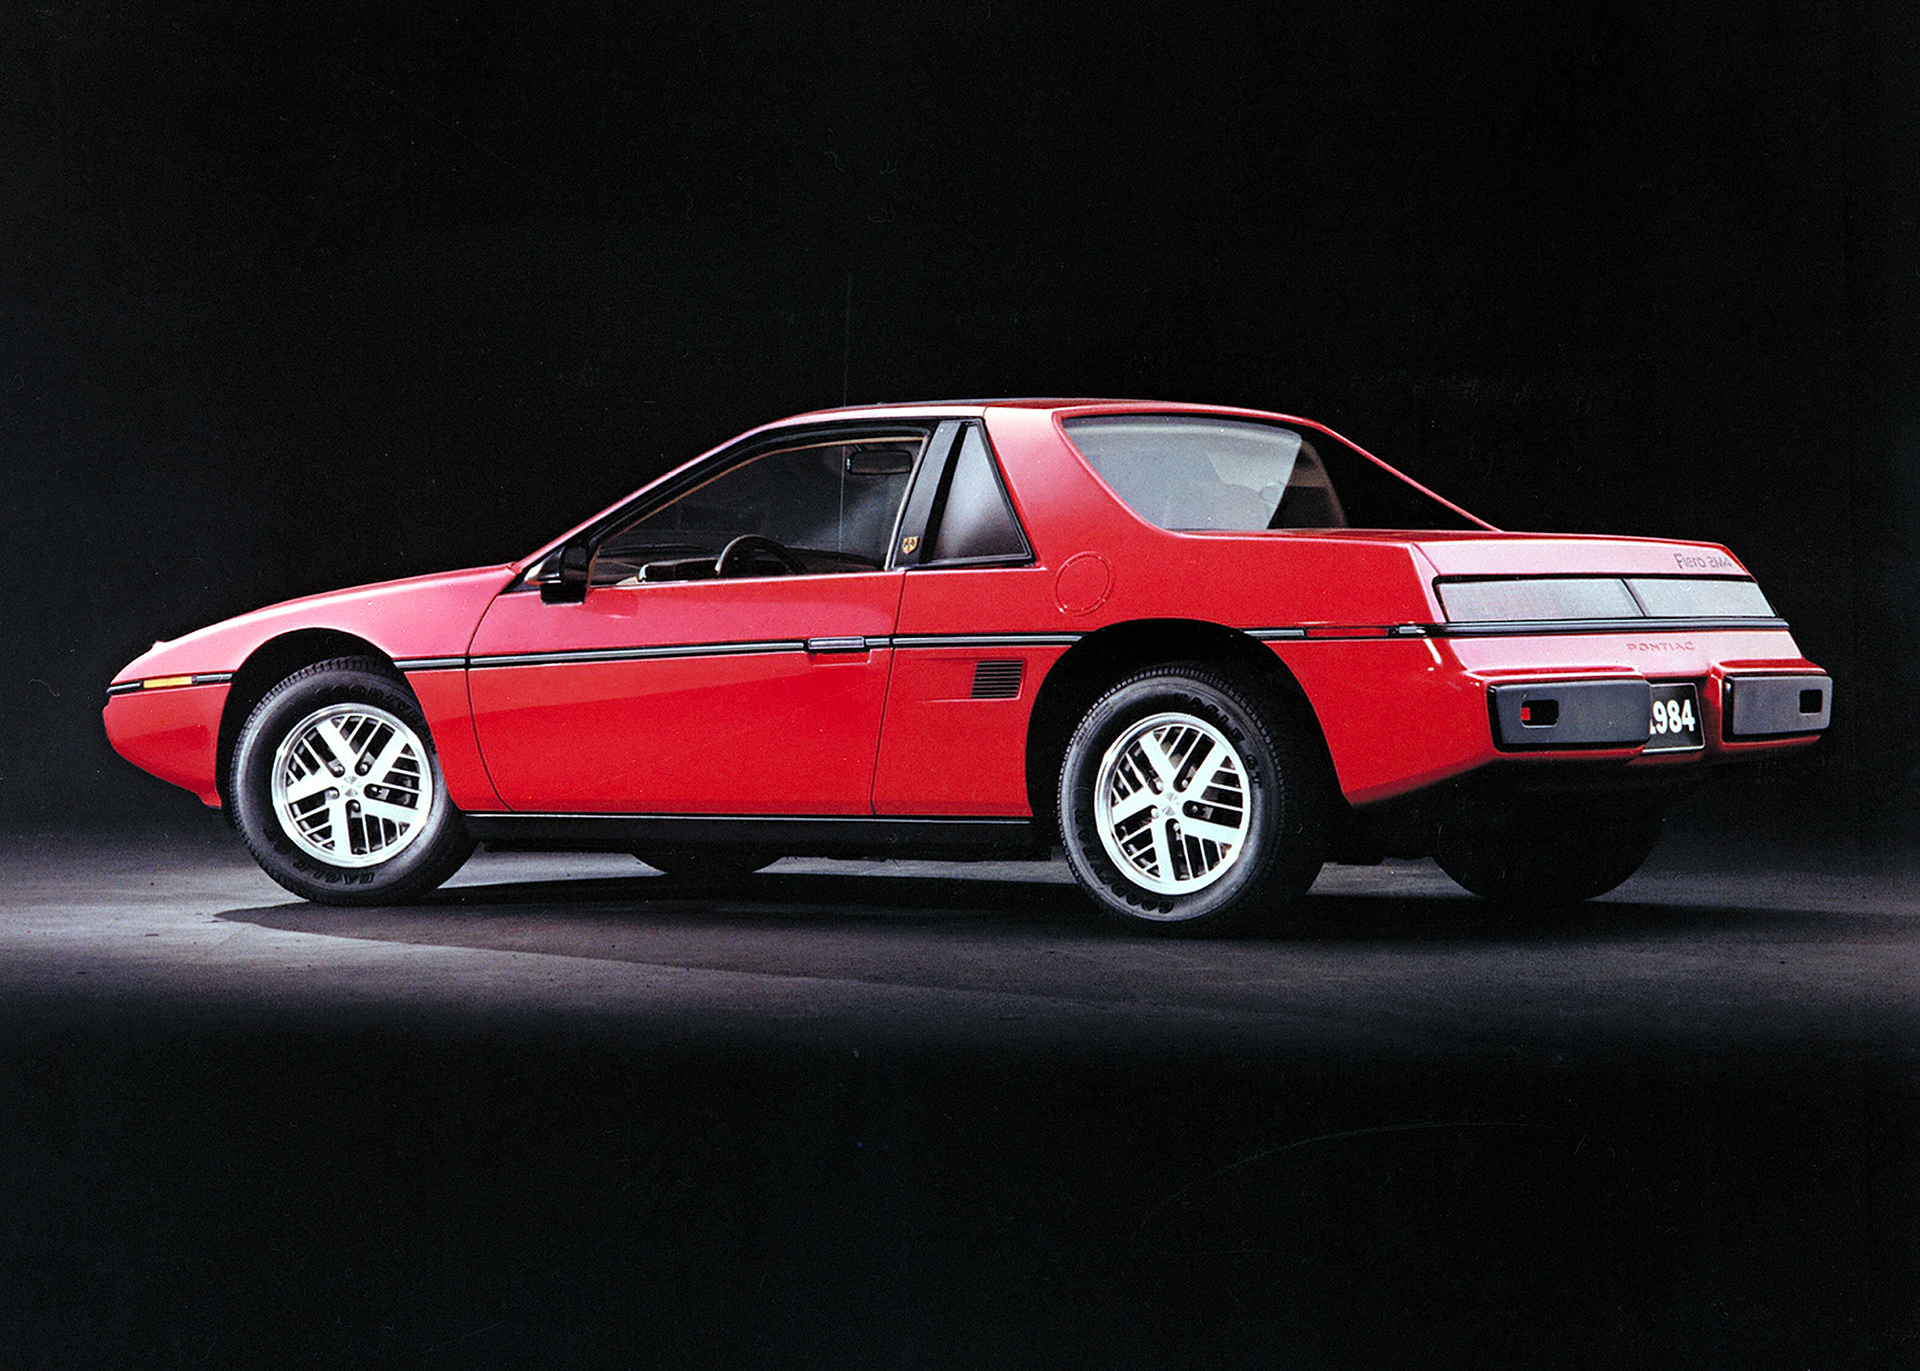 84 Fiero coupe rear three-quarter